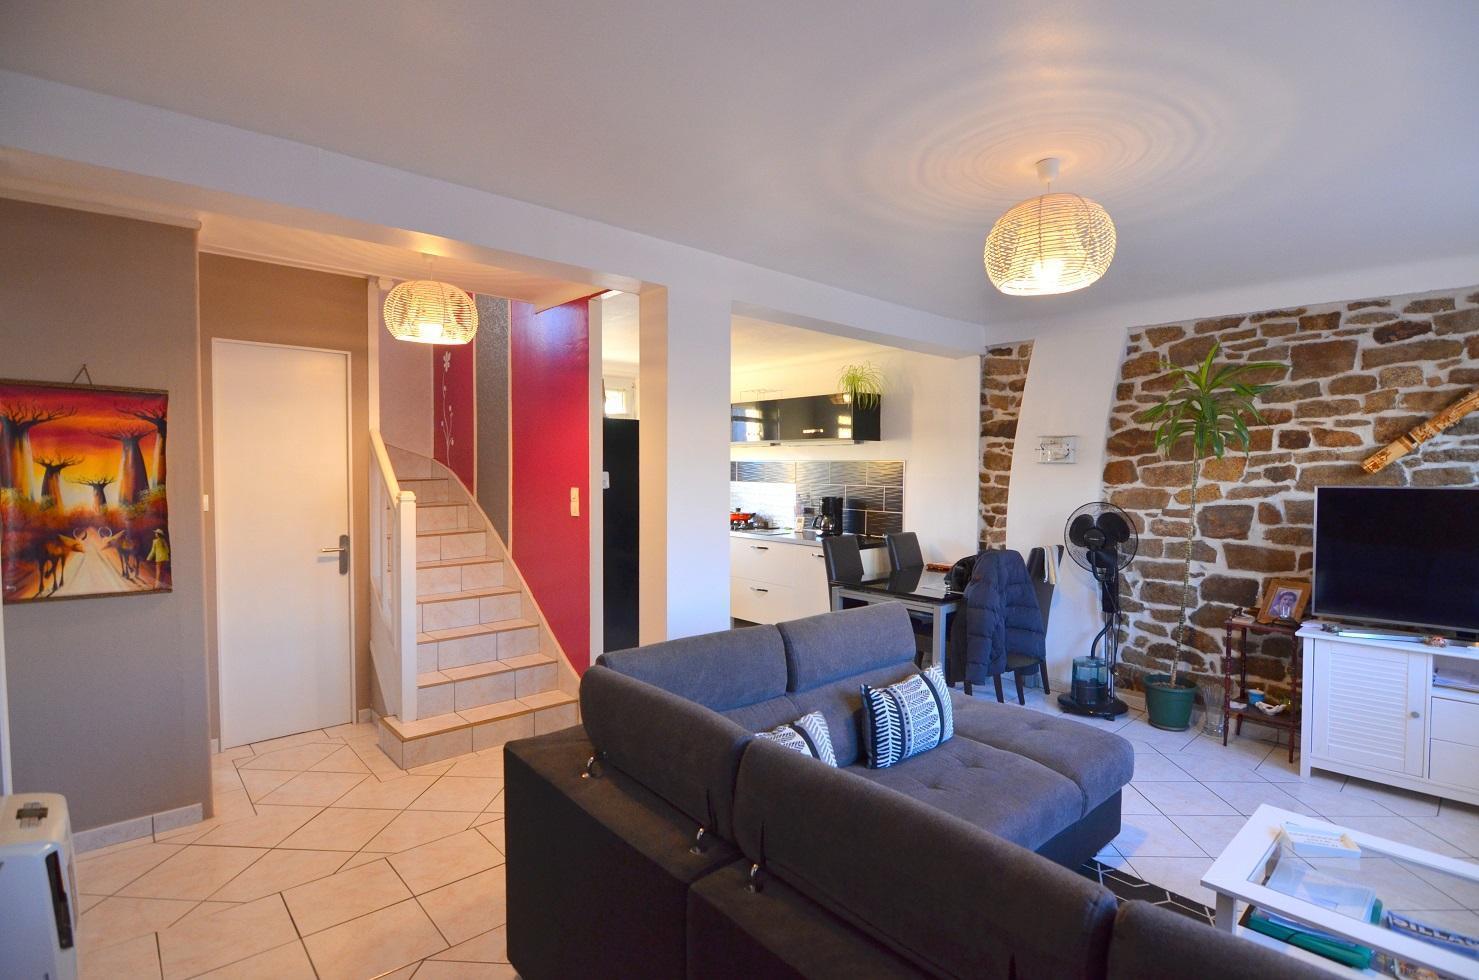 BREST : petit prix pour cette ravissante maison 4 chambres avec jardin clos